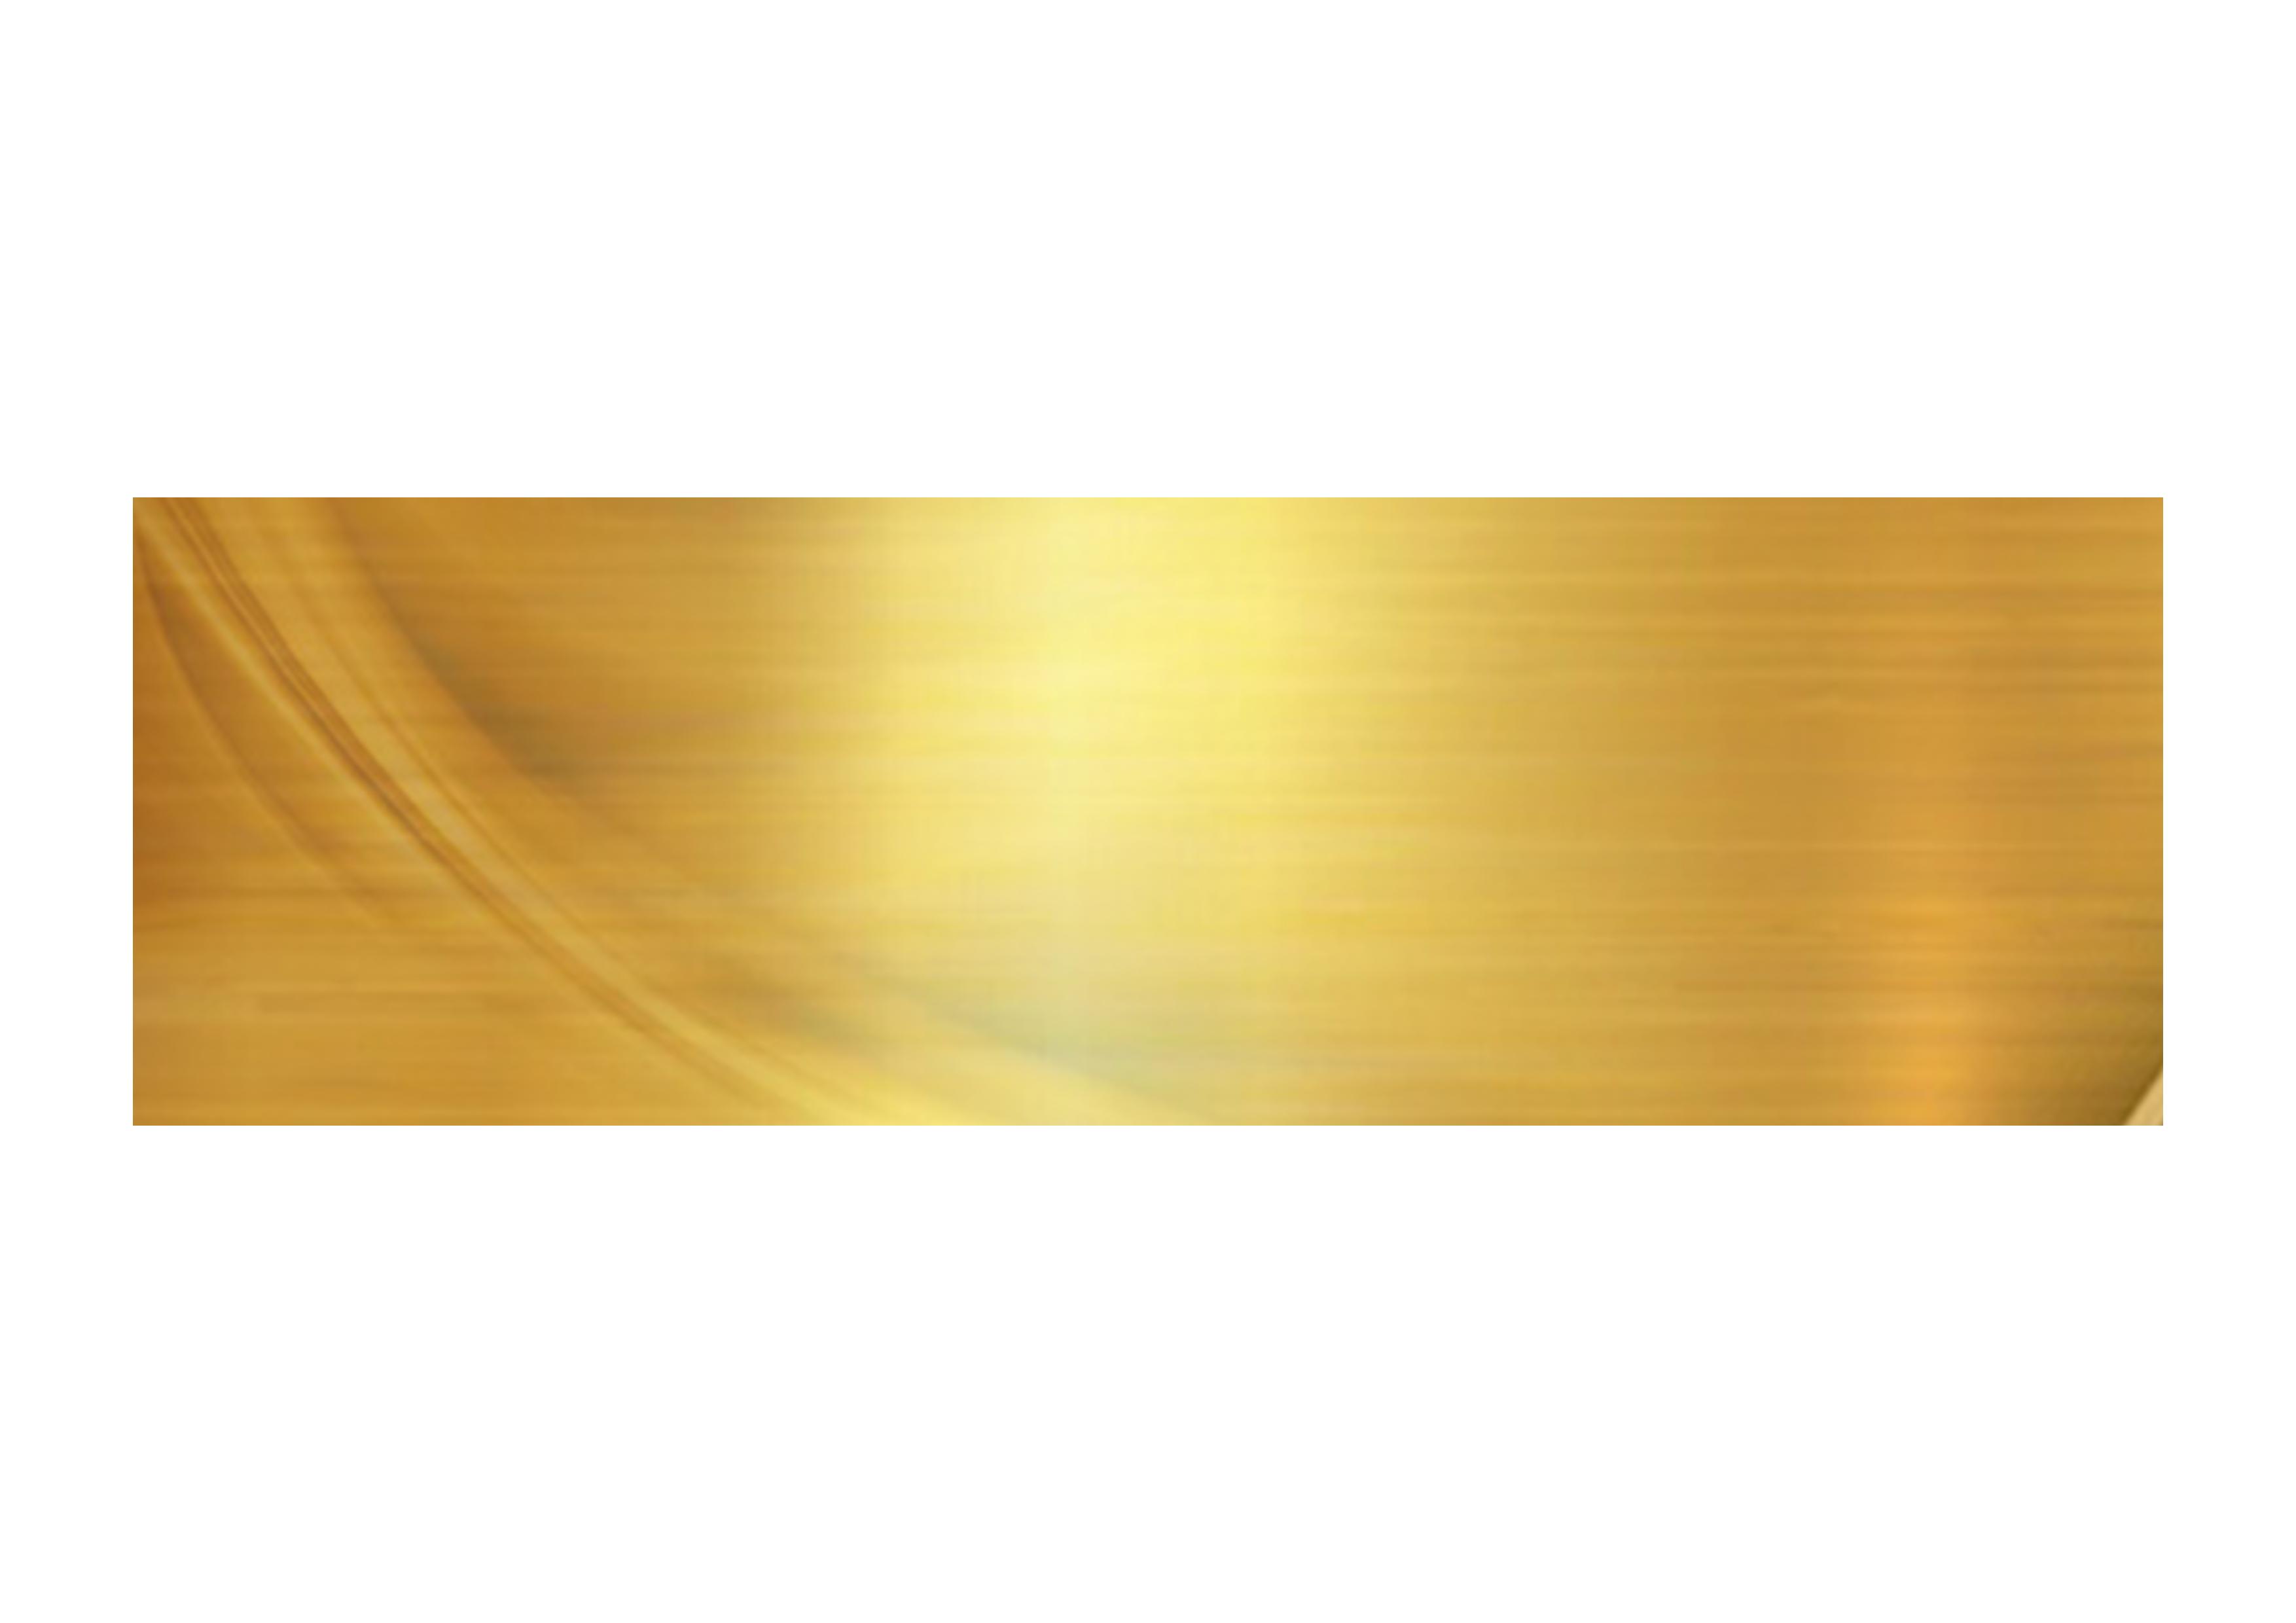 Agaicha